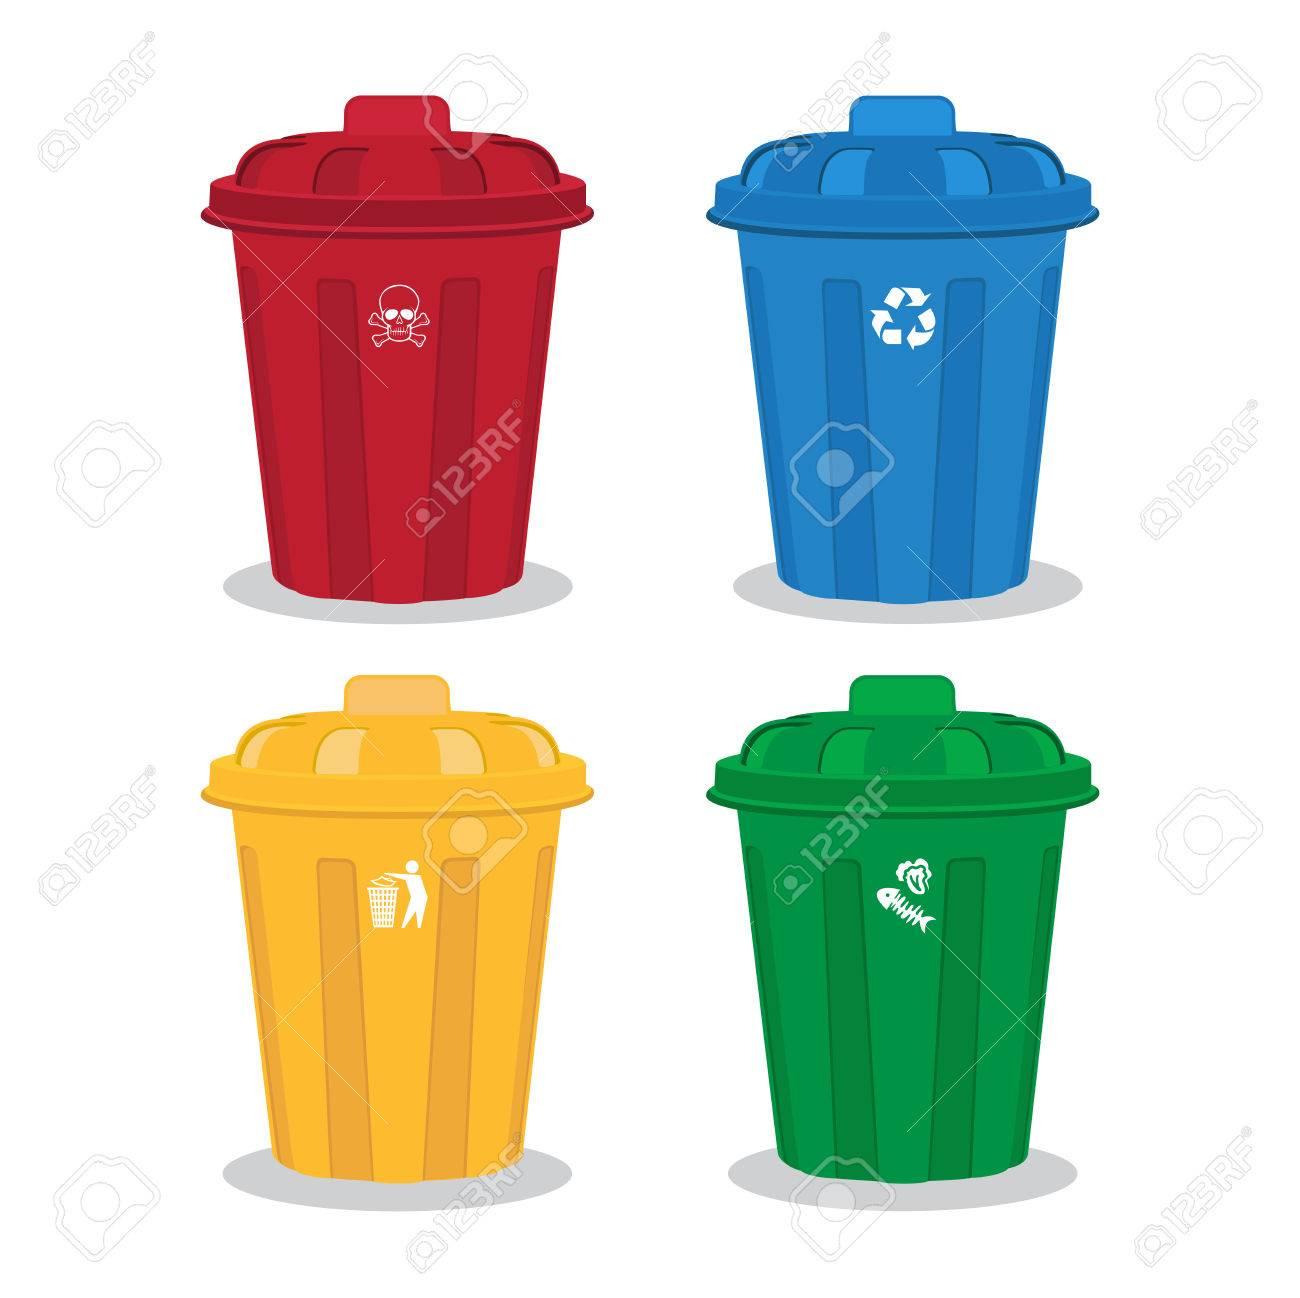 many color wheelie bins set, illustration of waste management...